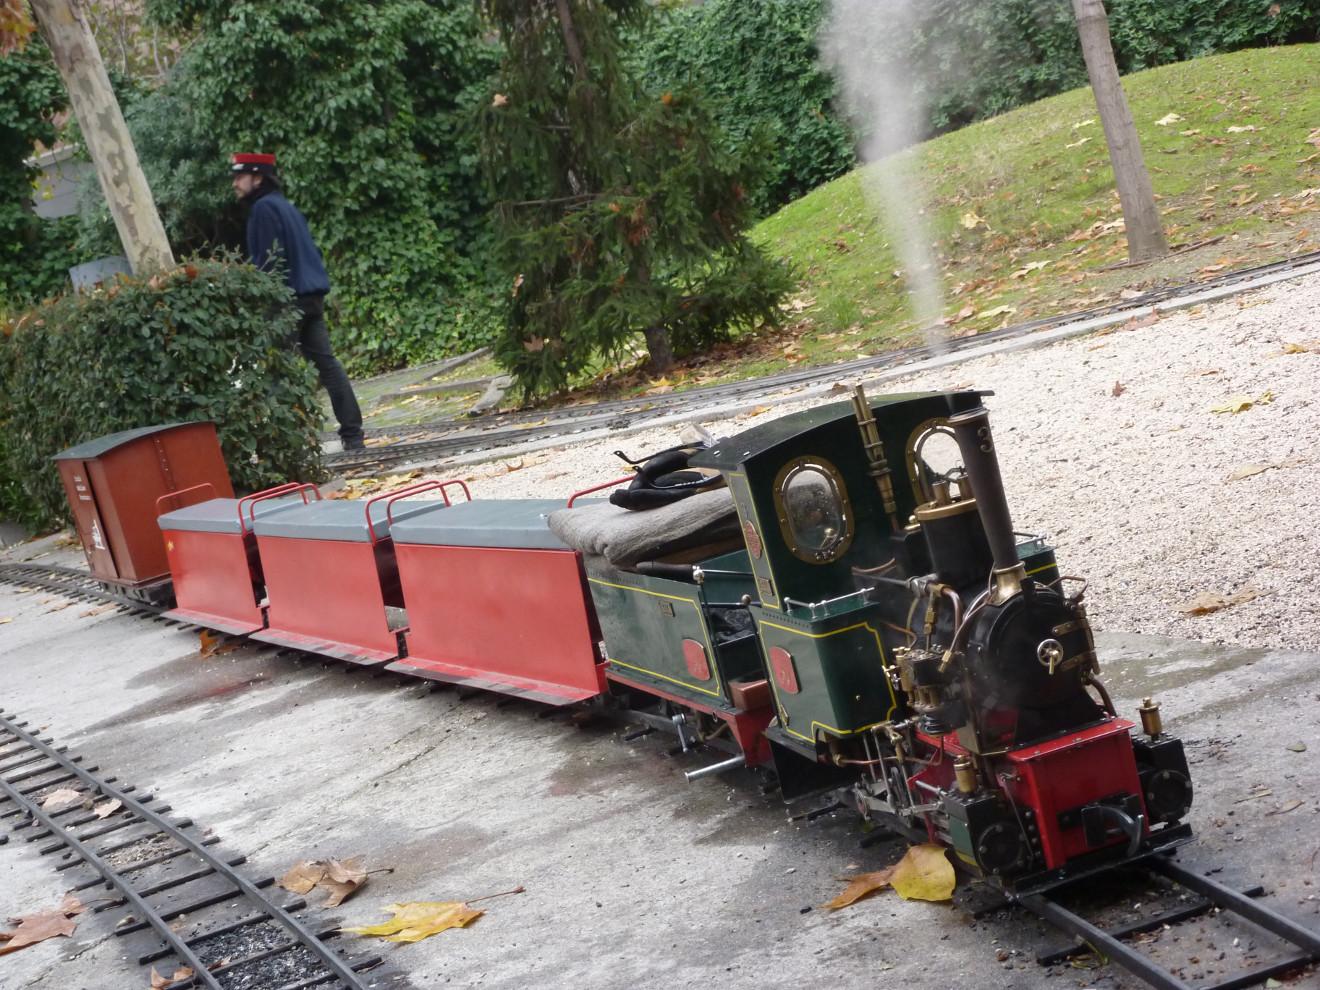 Tren con locomotora de vapor vivo en el Parque ferroviario de las Delicias, en el museo del ferrocarril de Madrid. Foto: Miguel Busttos.